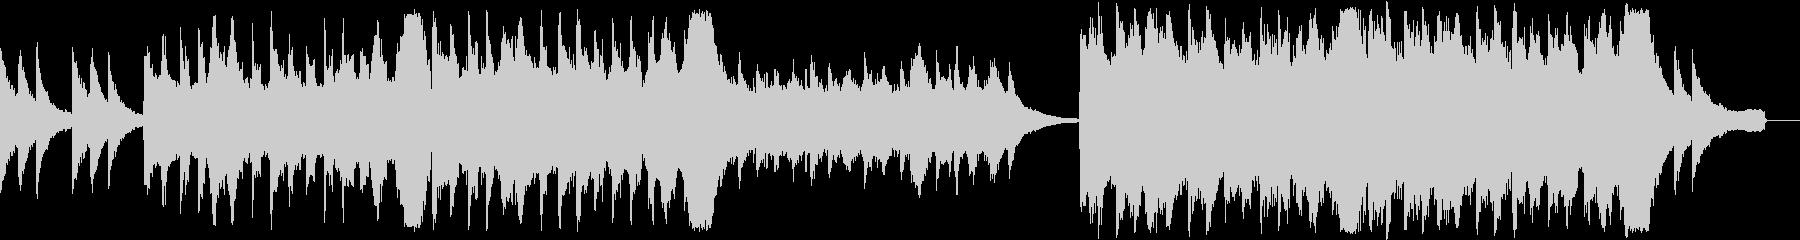 ピアノとストリングスやテクスチャーの未再生の波形